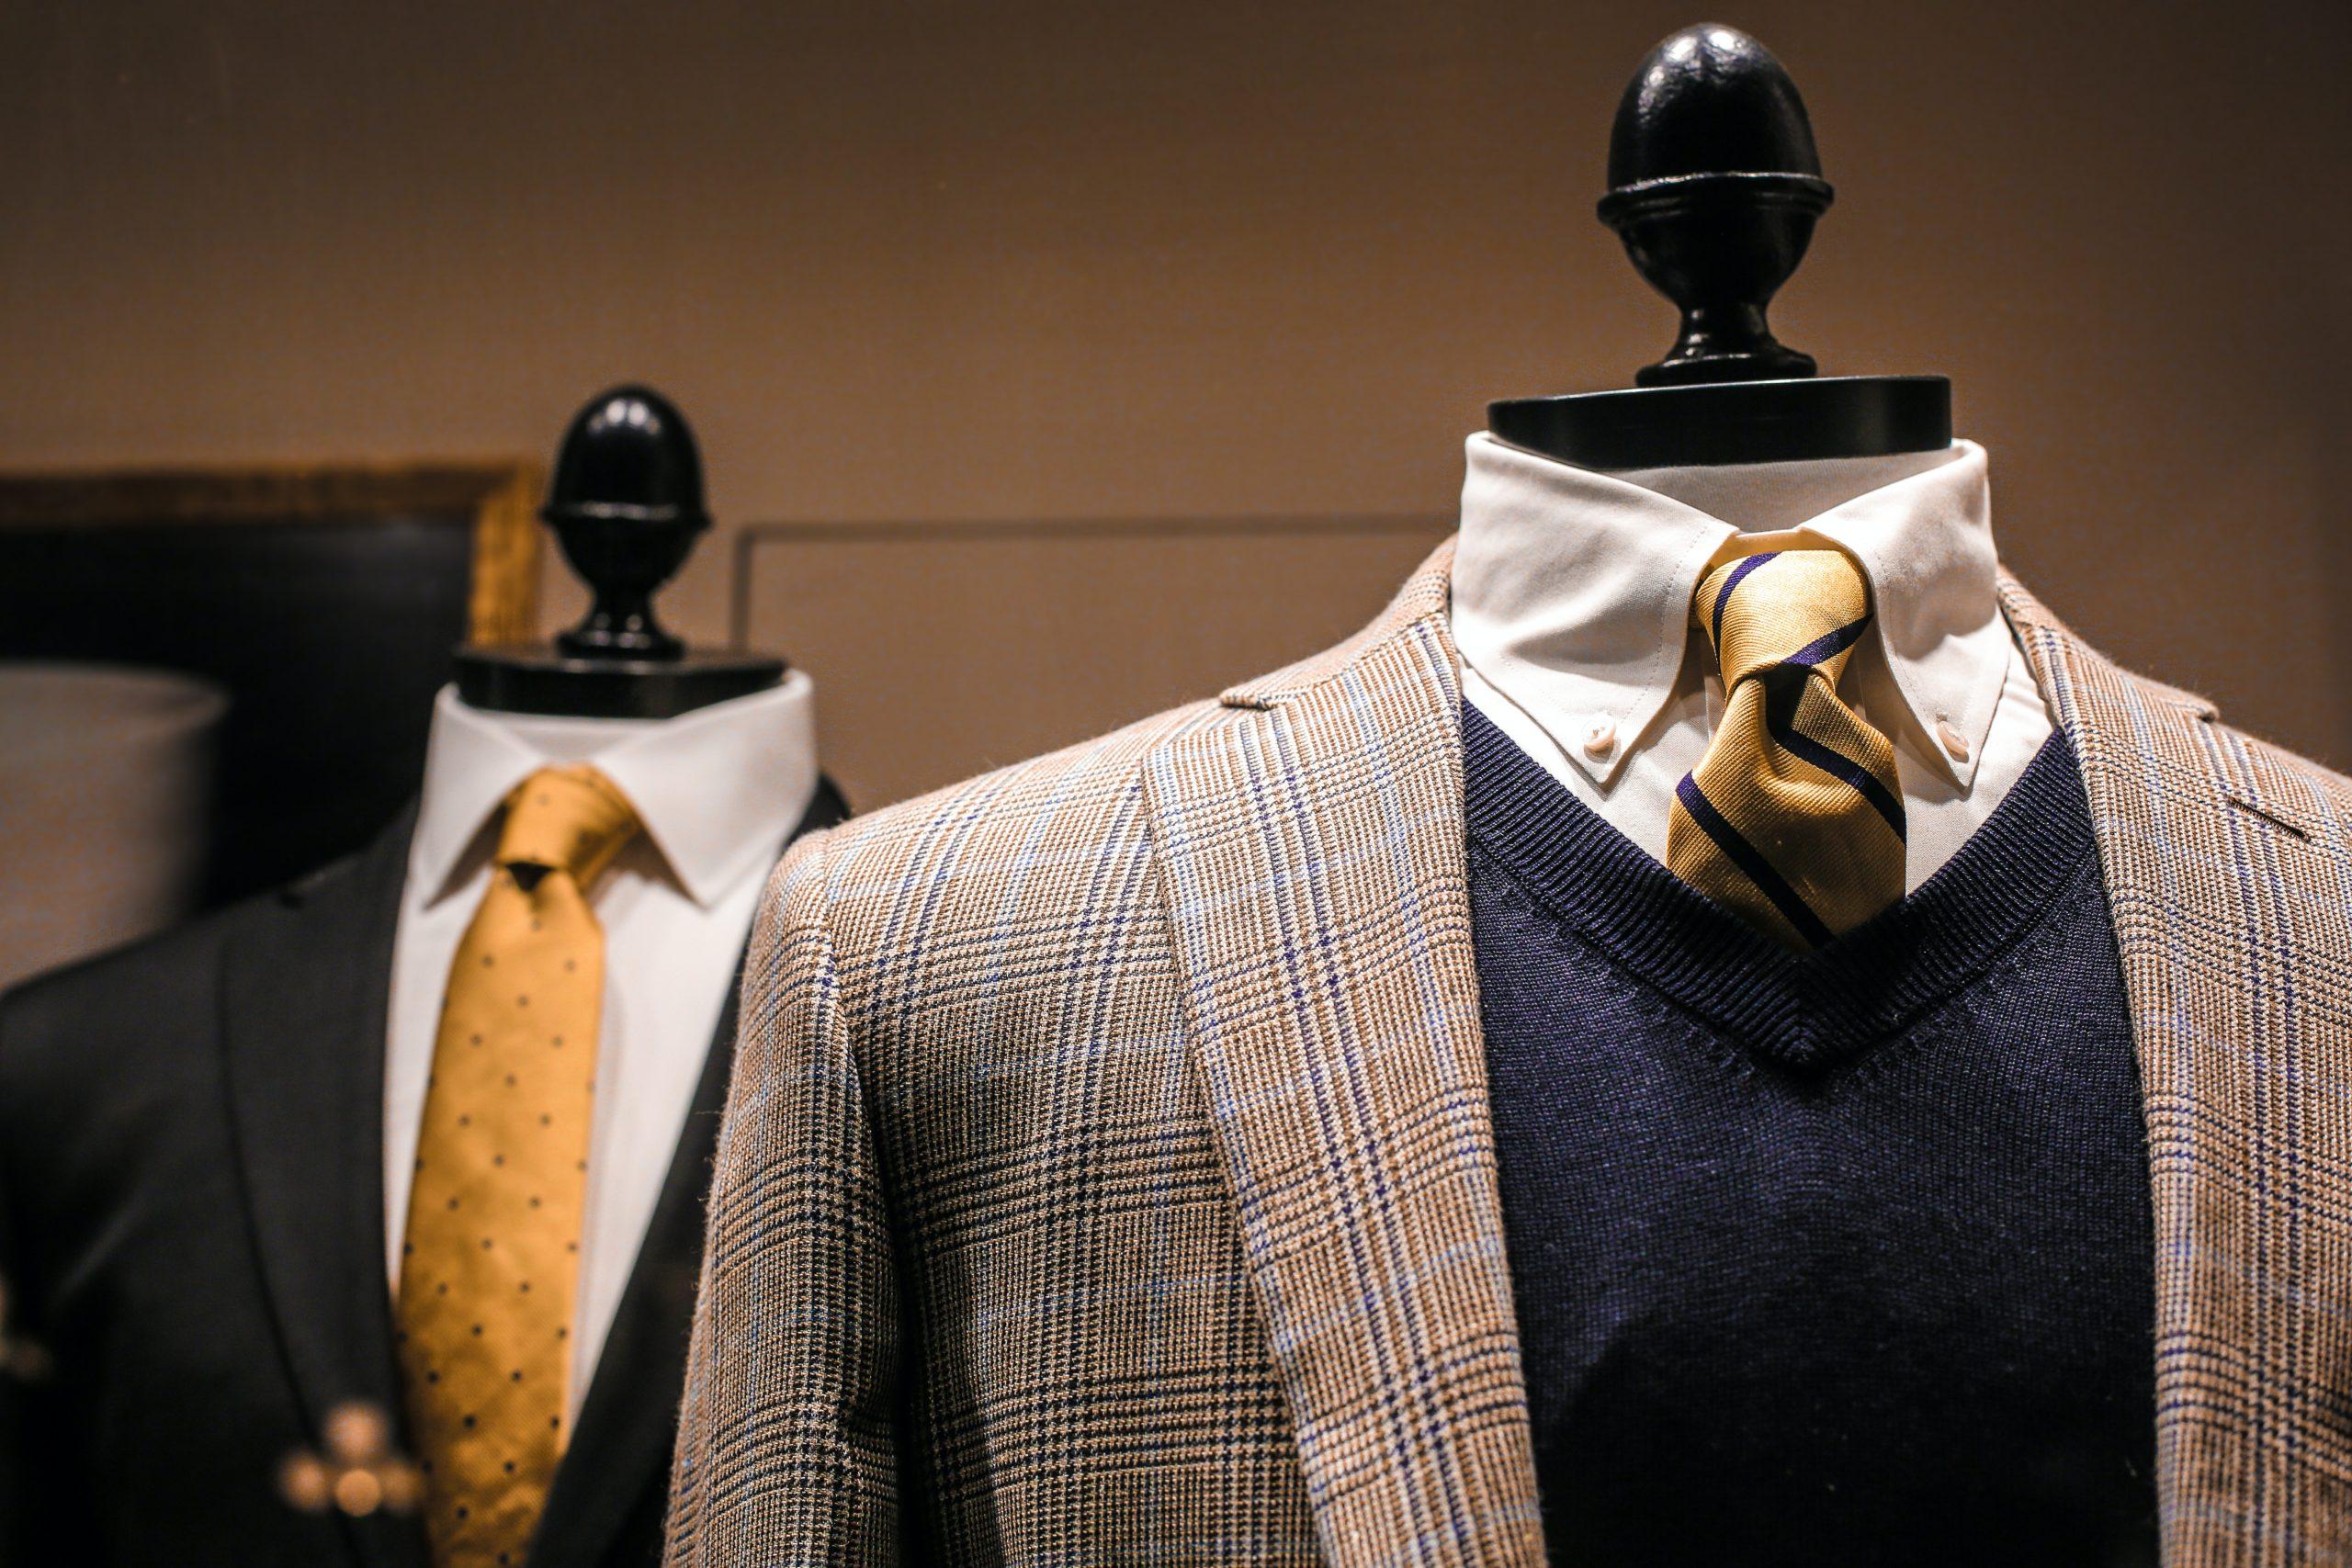 Marynarka tweed – jak nosić i o nią dbać?